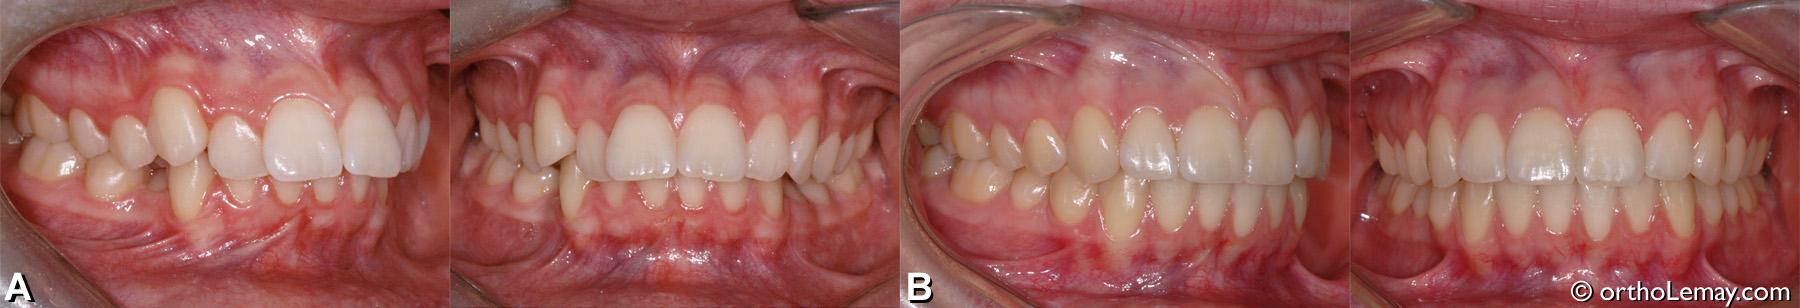 malocclusion dentaire classe 1 avec overbite et overjet excessifs. Traitement d'orthodontie adolescent